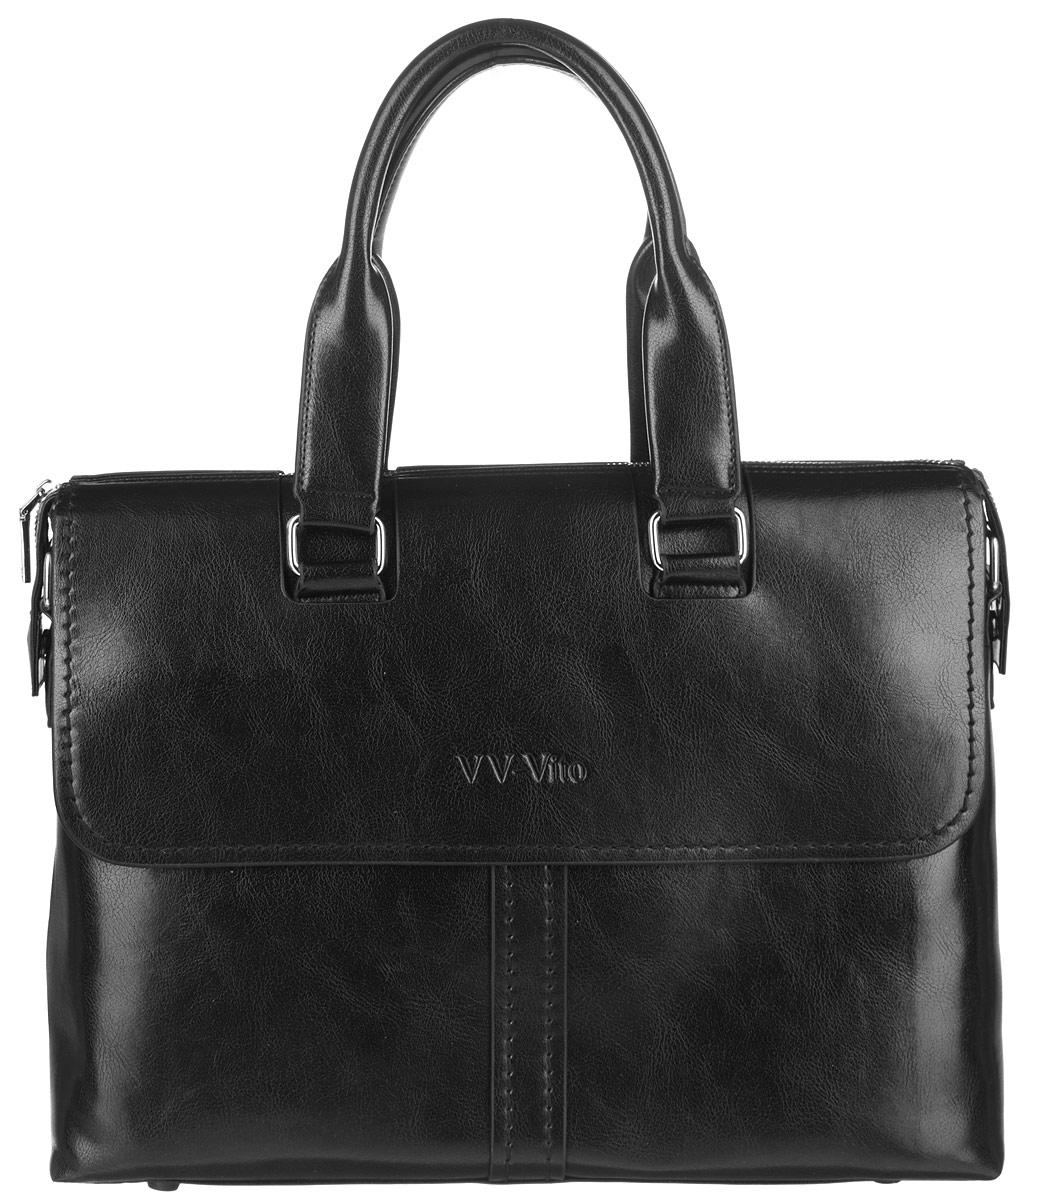 Сумка мужская Vera Victoria Vito, цвет: черный. 35-609-1579995-400Стильная мужская сумка Vera Victoria Vito выполнена из экокожи. Изделие имеет одно вместительное отделение, которое закрывается на застежку-молнию. Внутри сумки находятся прорезной карман на застежке-молнии, два открытых прорезных кармана и мягкий карман для планшета, закрывающийся на хлястик с липучкой. Снаружи, на передней и задней стенках расположены накладные карманы на магнитных кнопках, дополнительно закрывающиеся на клапаны с магнитами. Сумка оснащена двумя удобными ручками. В комплект входит съемный текстильный плечевой ремень, регулирующийся по длине.Основание изделия защищено от повреждений пластиковыми ножками. Стильная сумка идеально подчеркнет ваш неповторимый стиль.